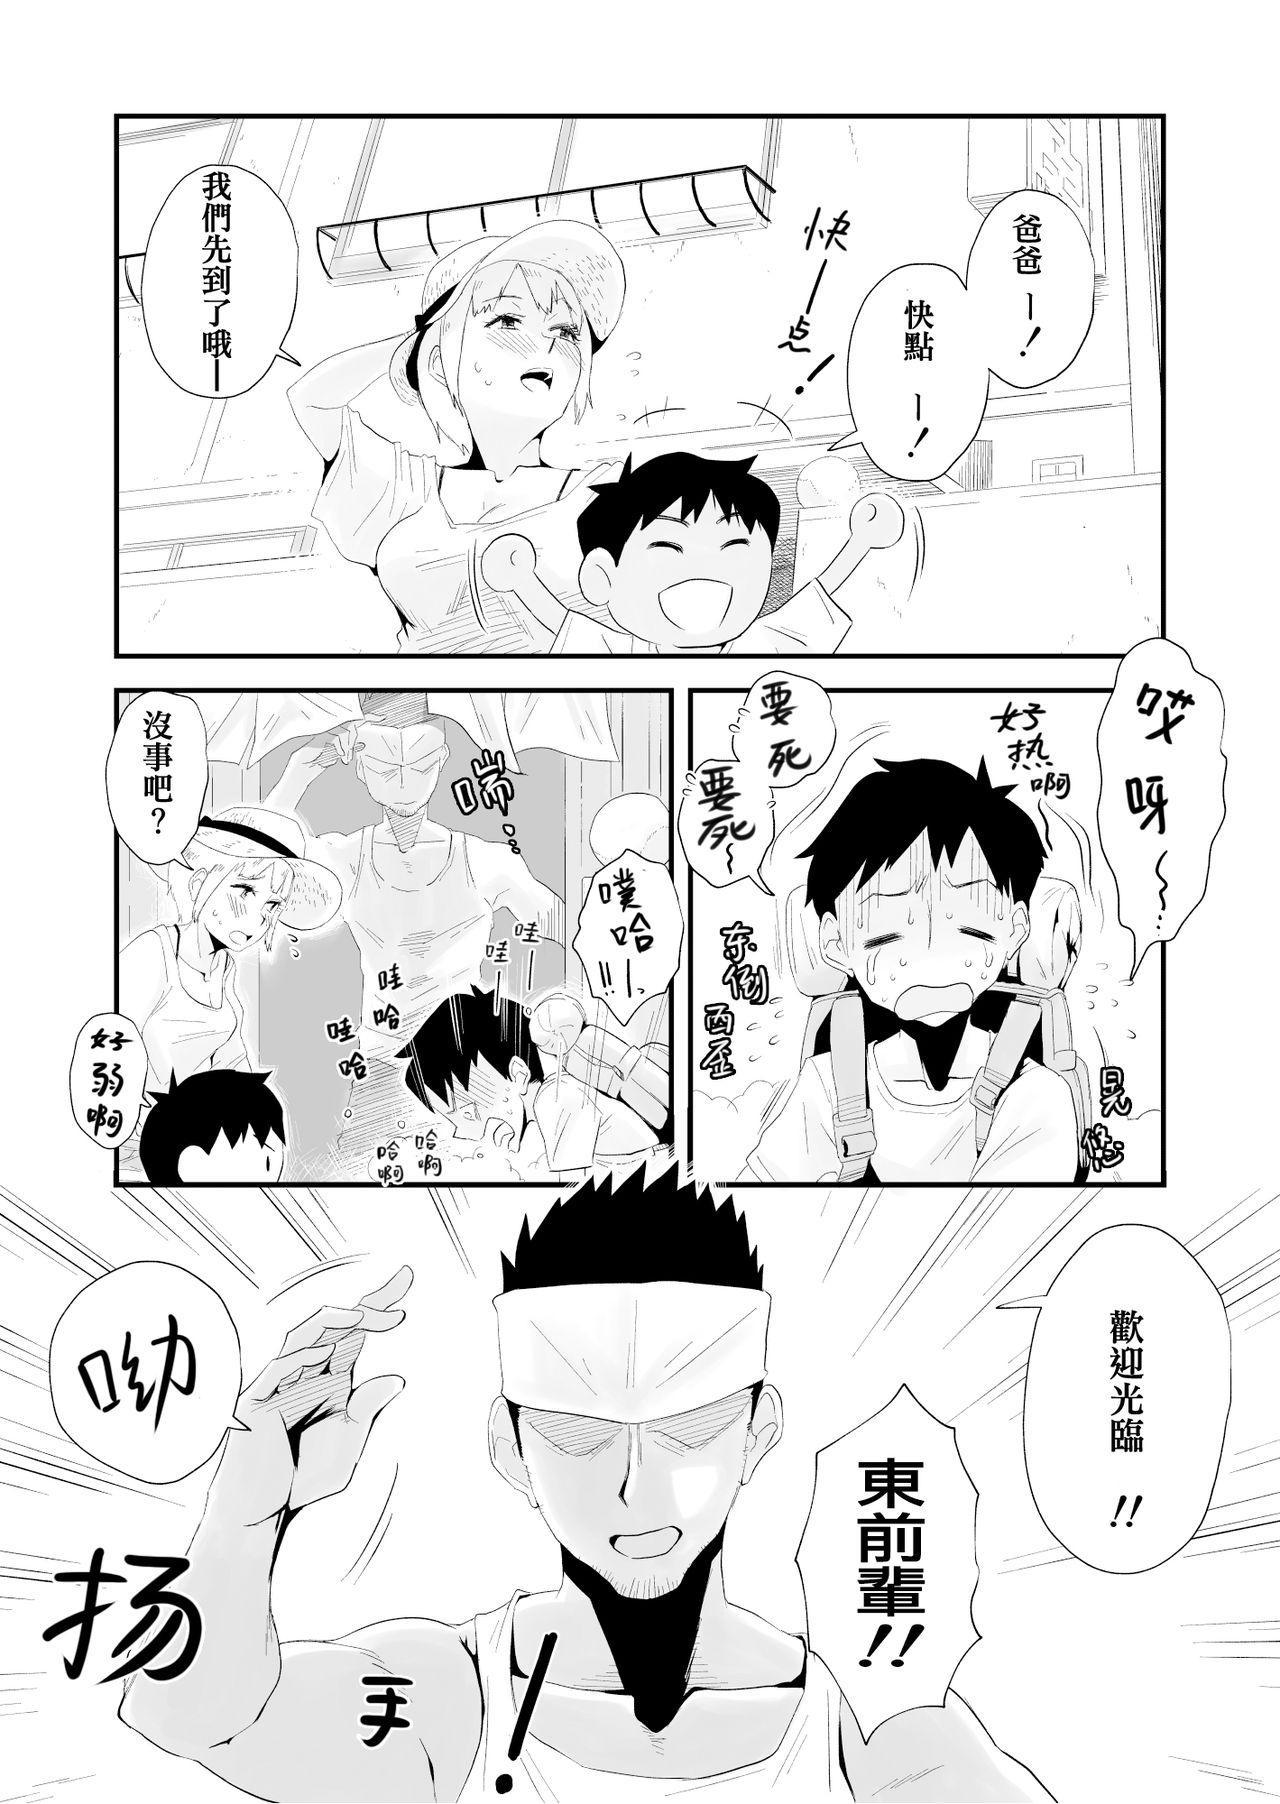 Ore no Yome ga Netorarete Iru! 3